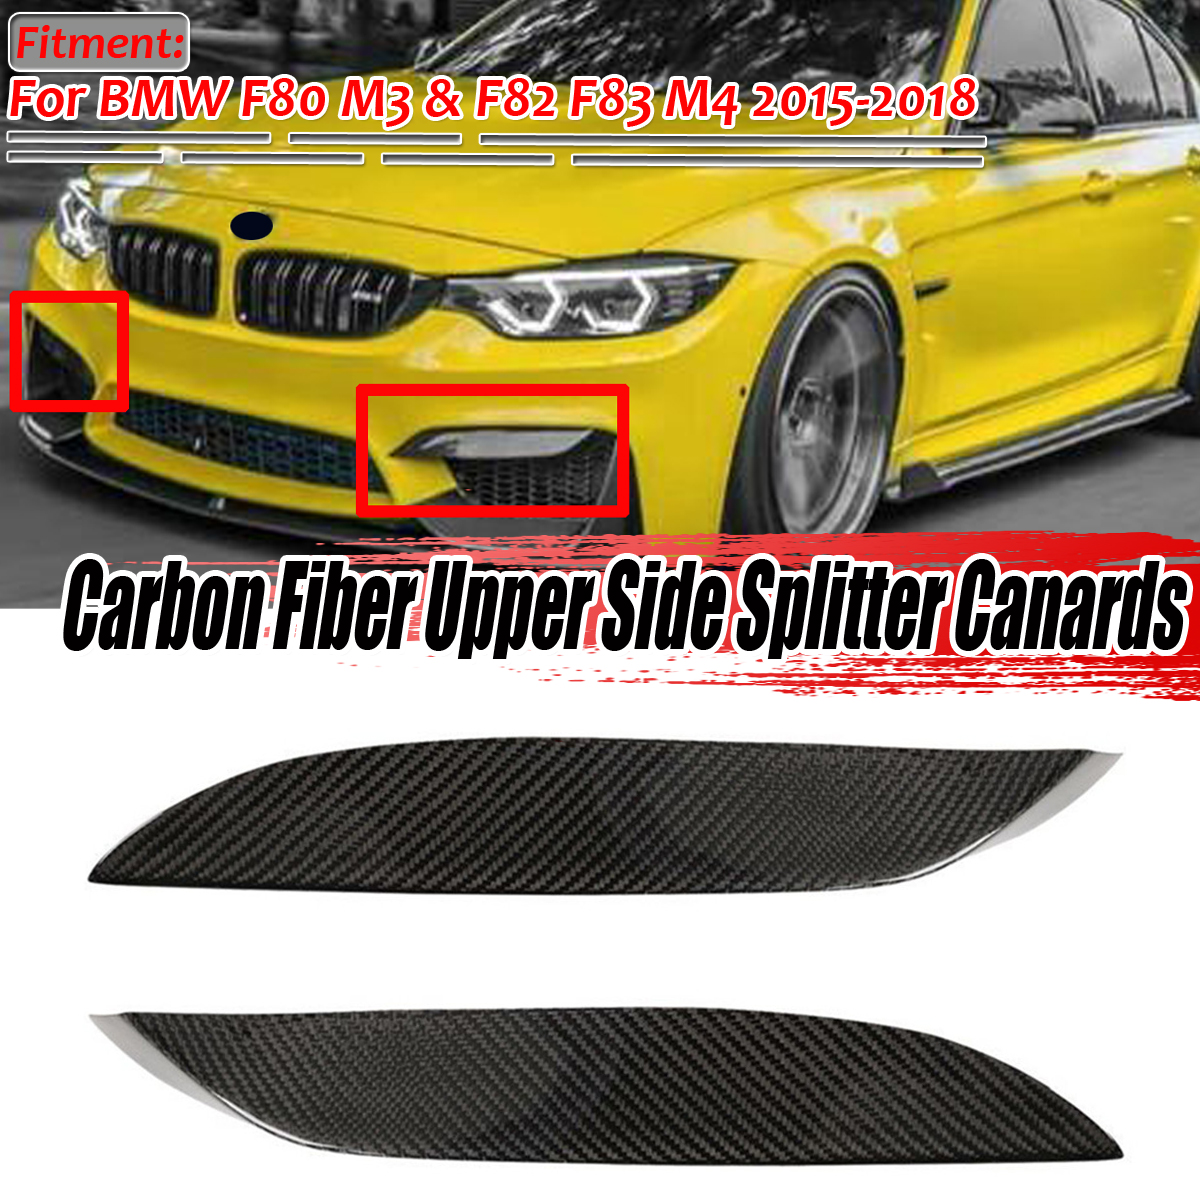 2x F80 Real Carbon Fiber Car Front Upper Bumper Lip Diffuser Splitter Canards Lip Protector For BMW F80 M3 F82 F83 M4 2015-2018